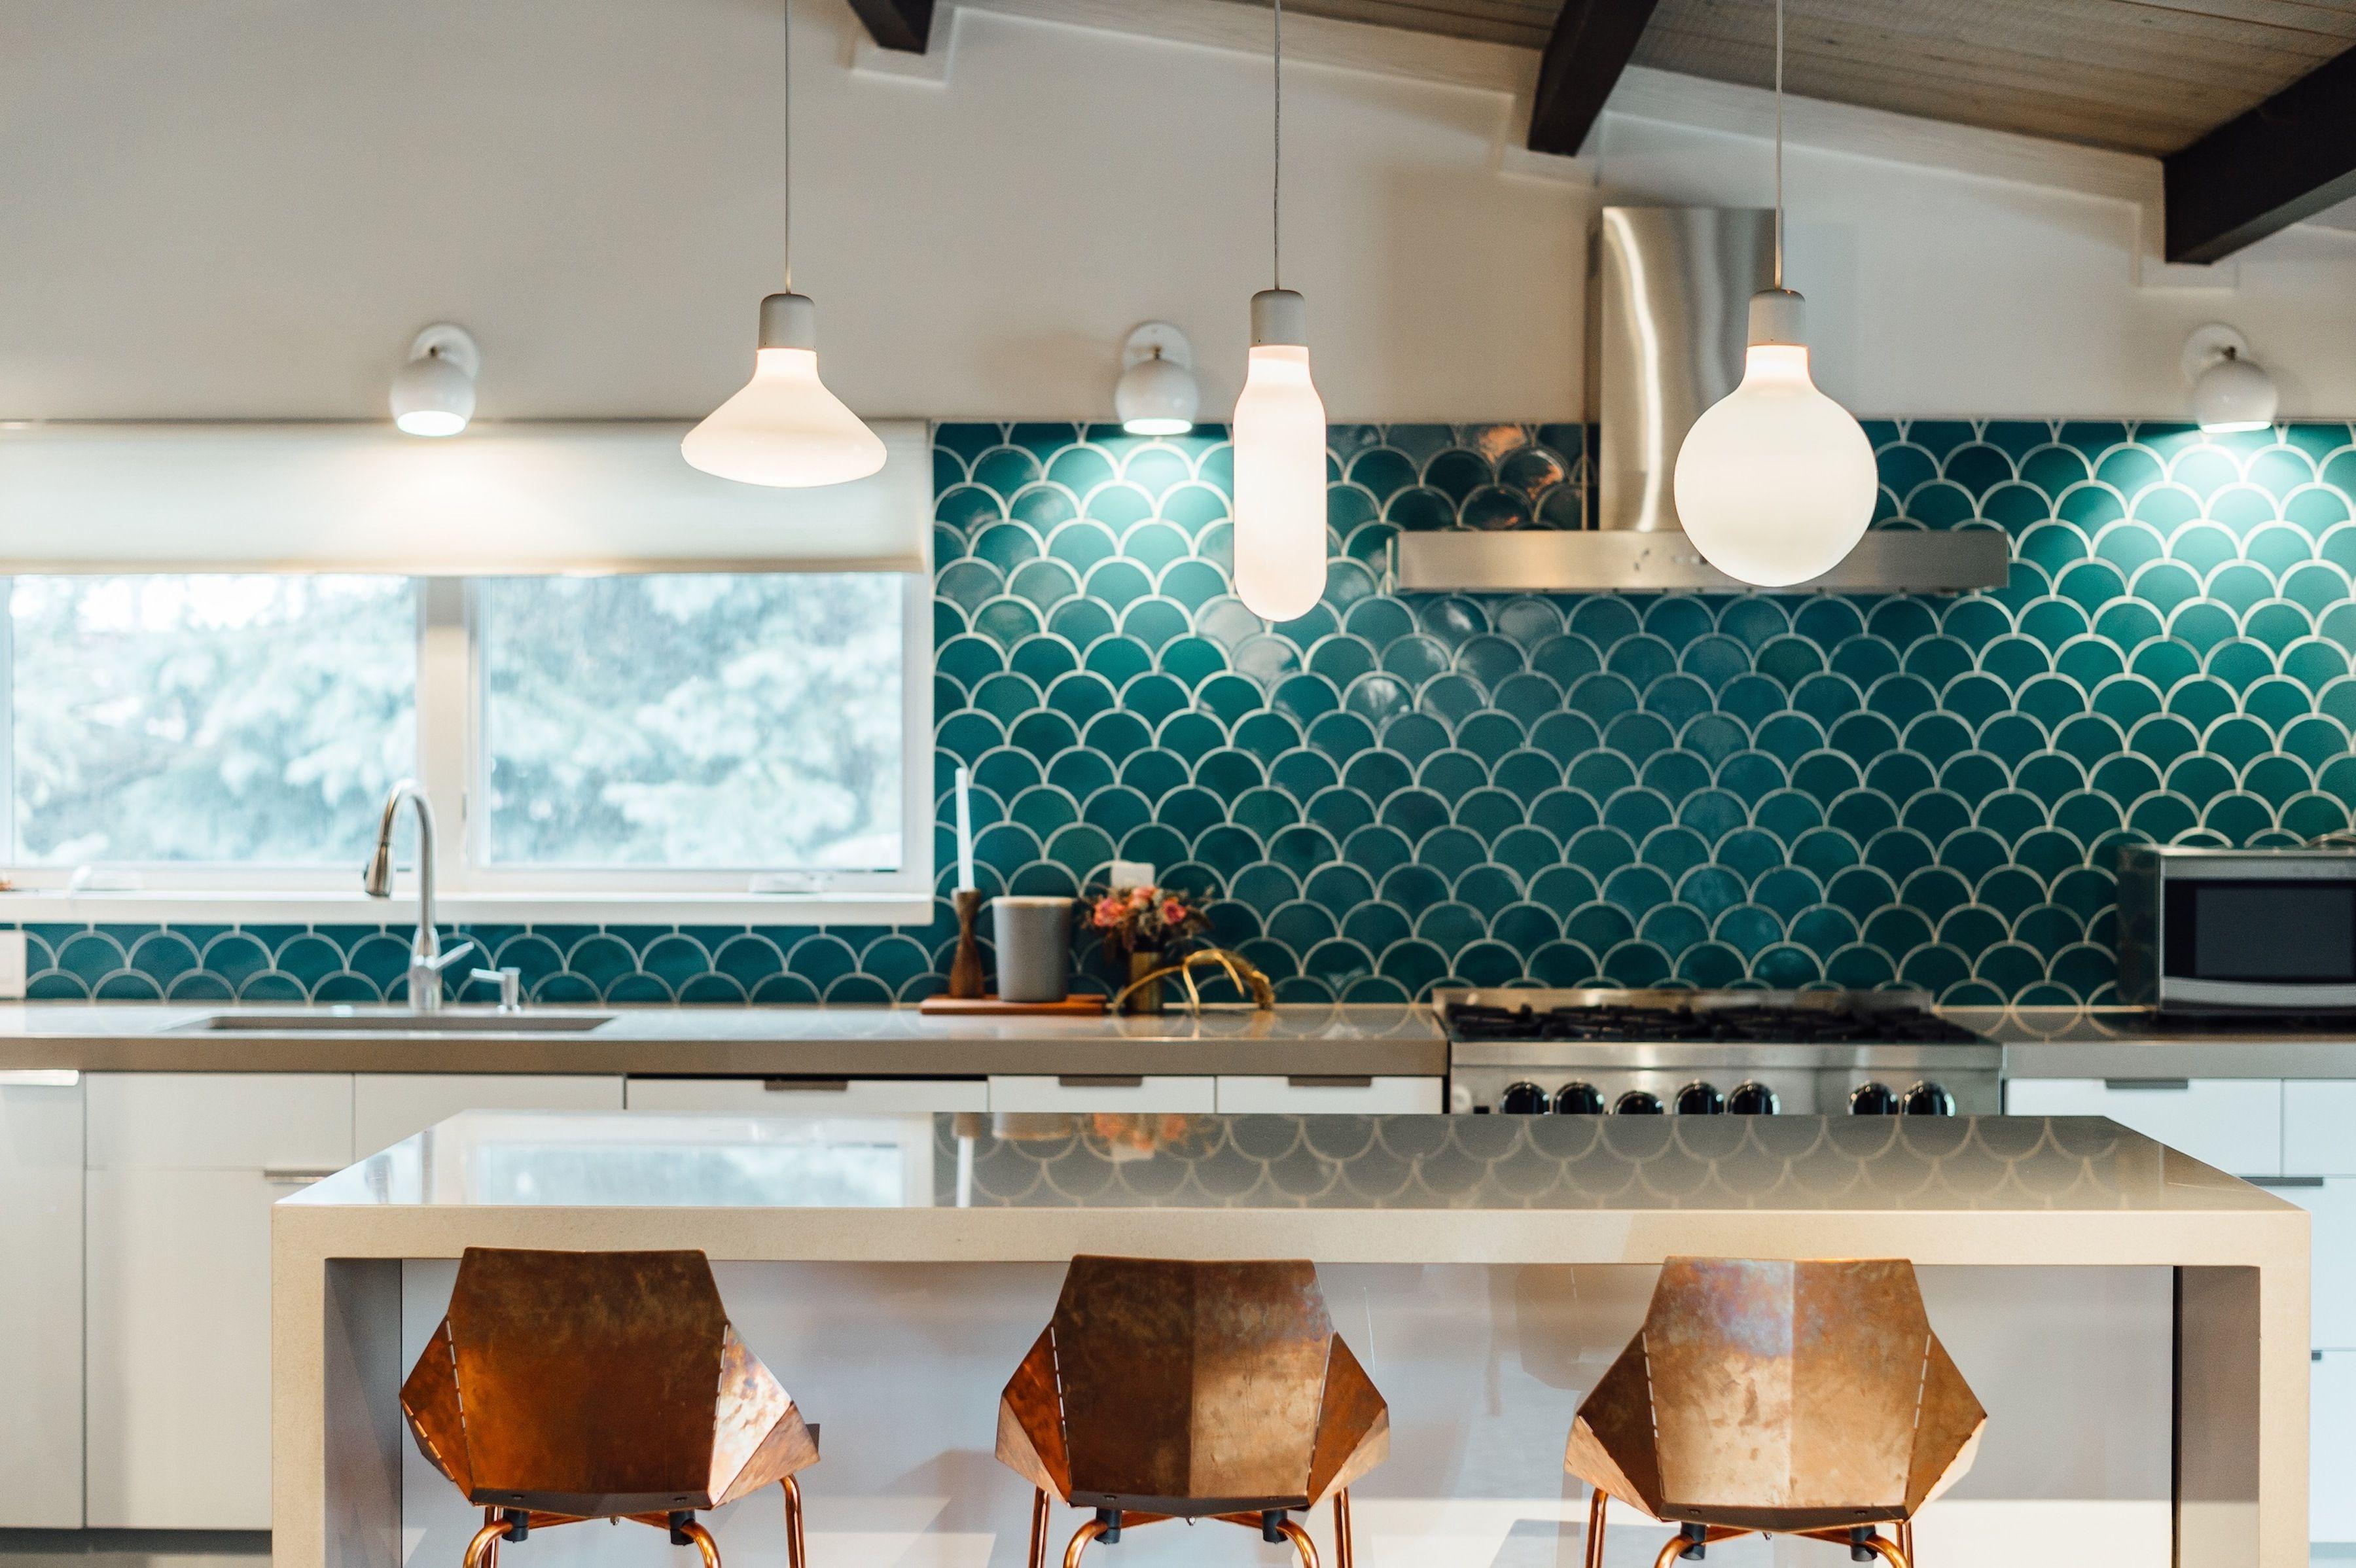 bold kitchens backsplashes that make a statement kitchen